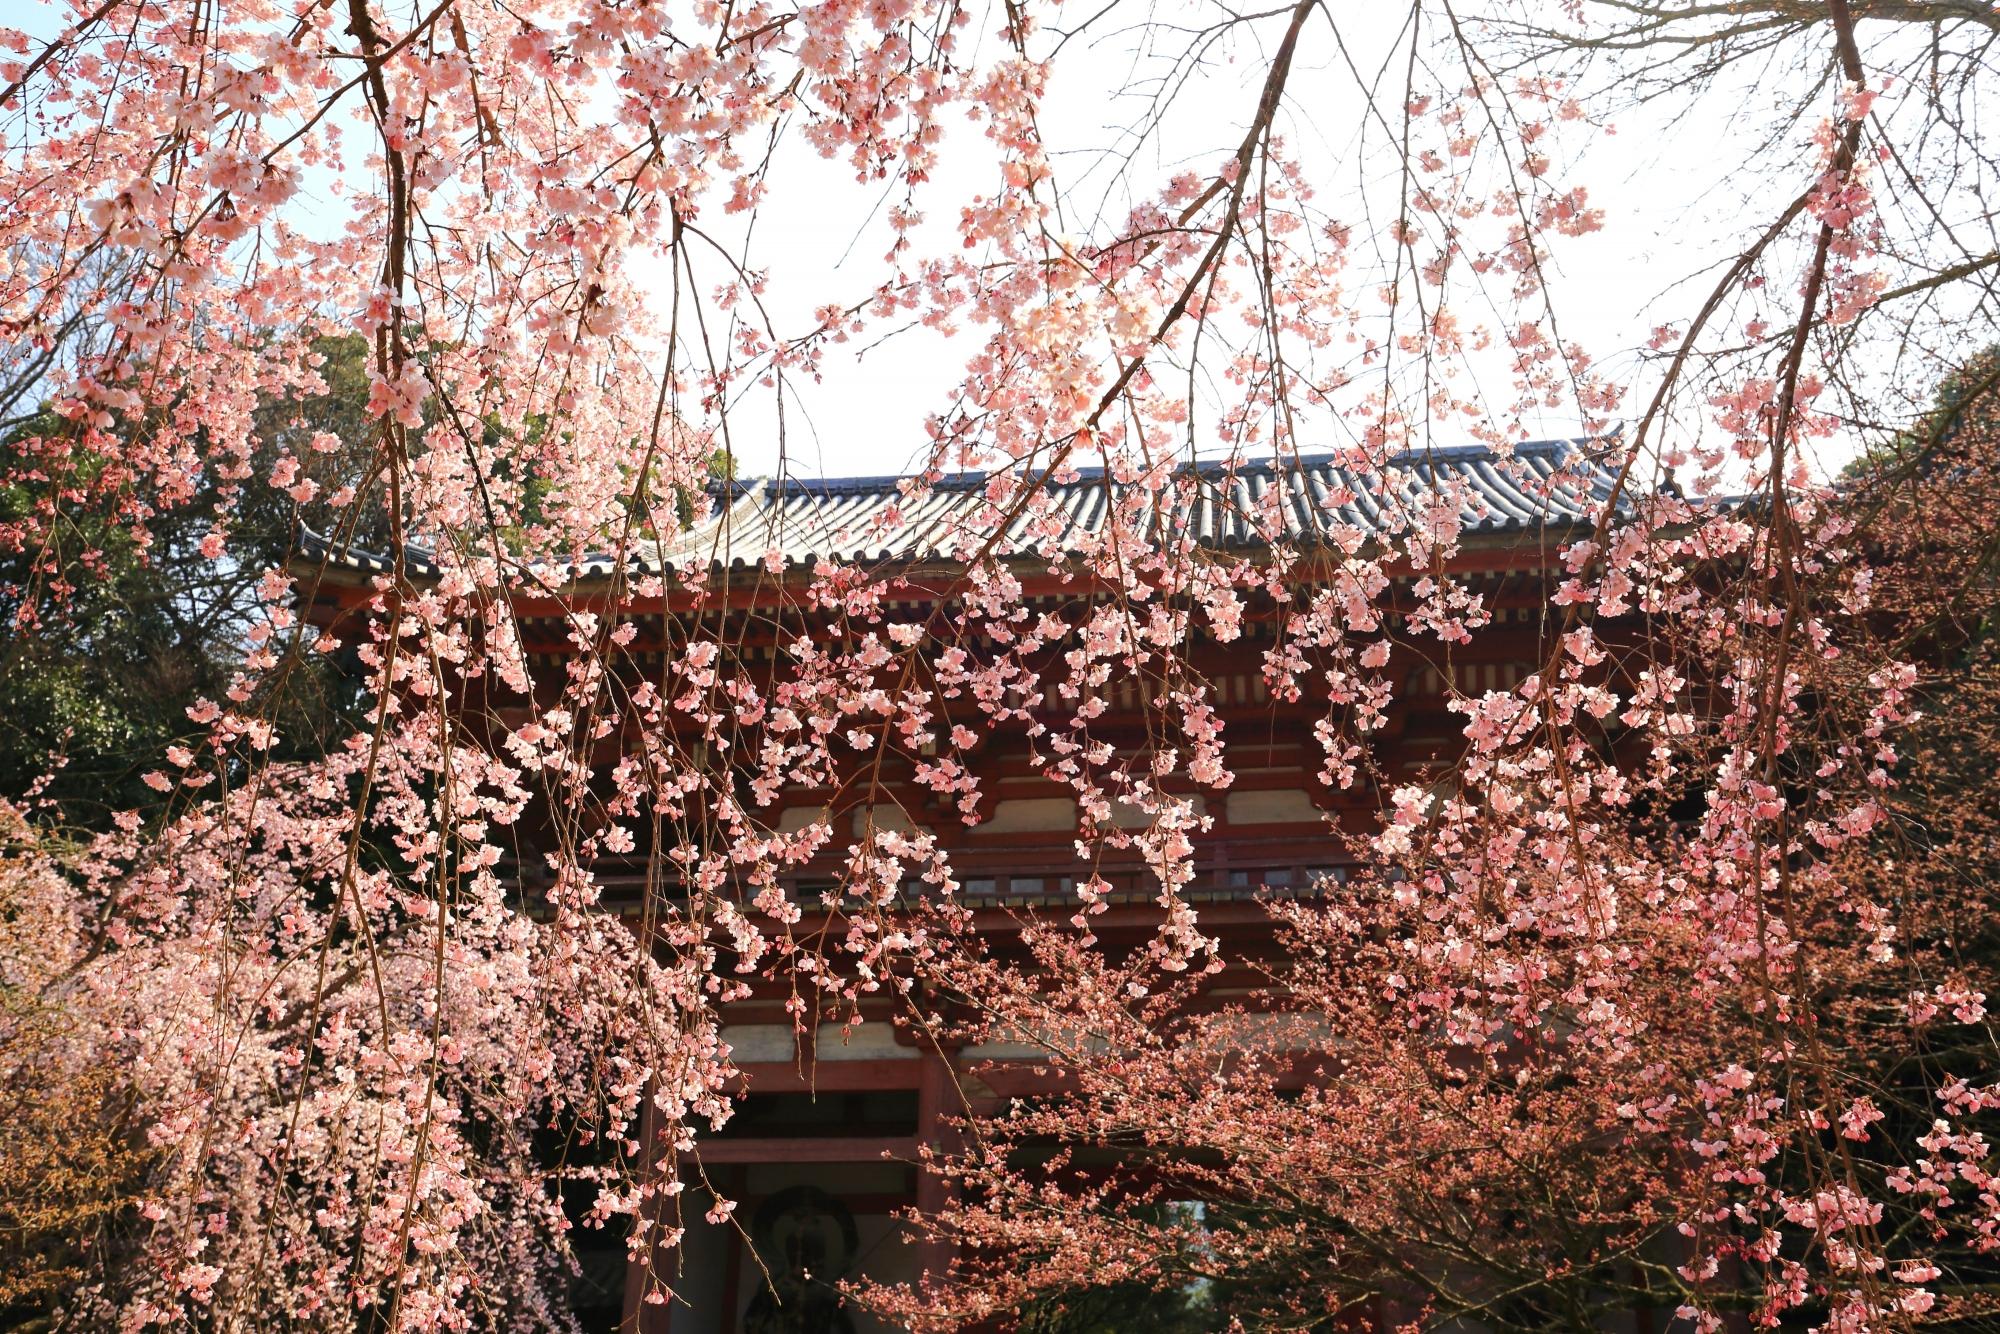 仁王門に降り注ぐ華やかな桜